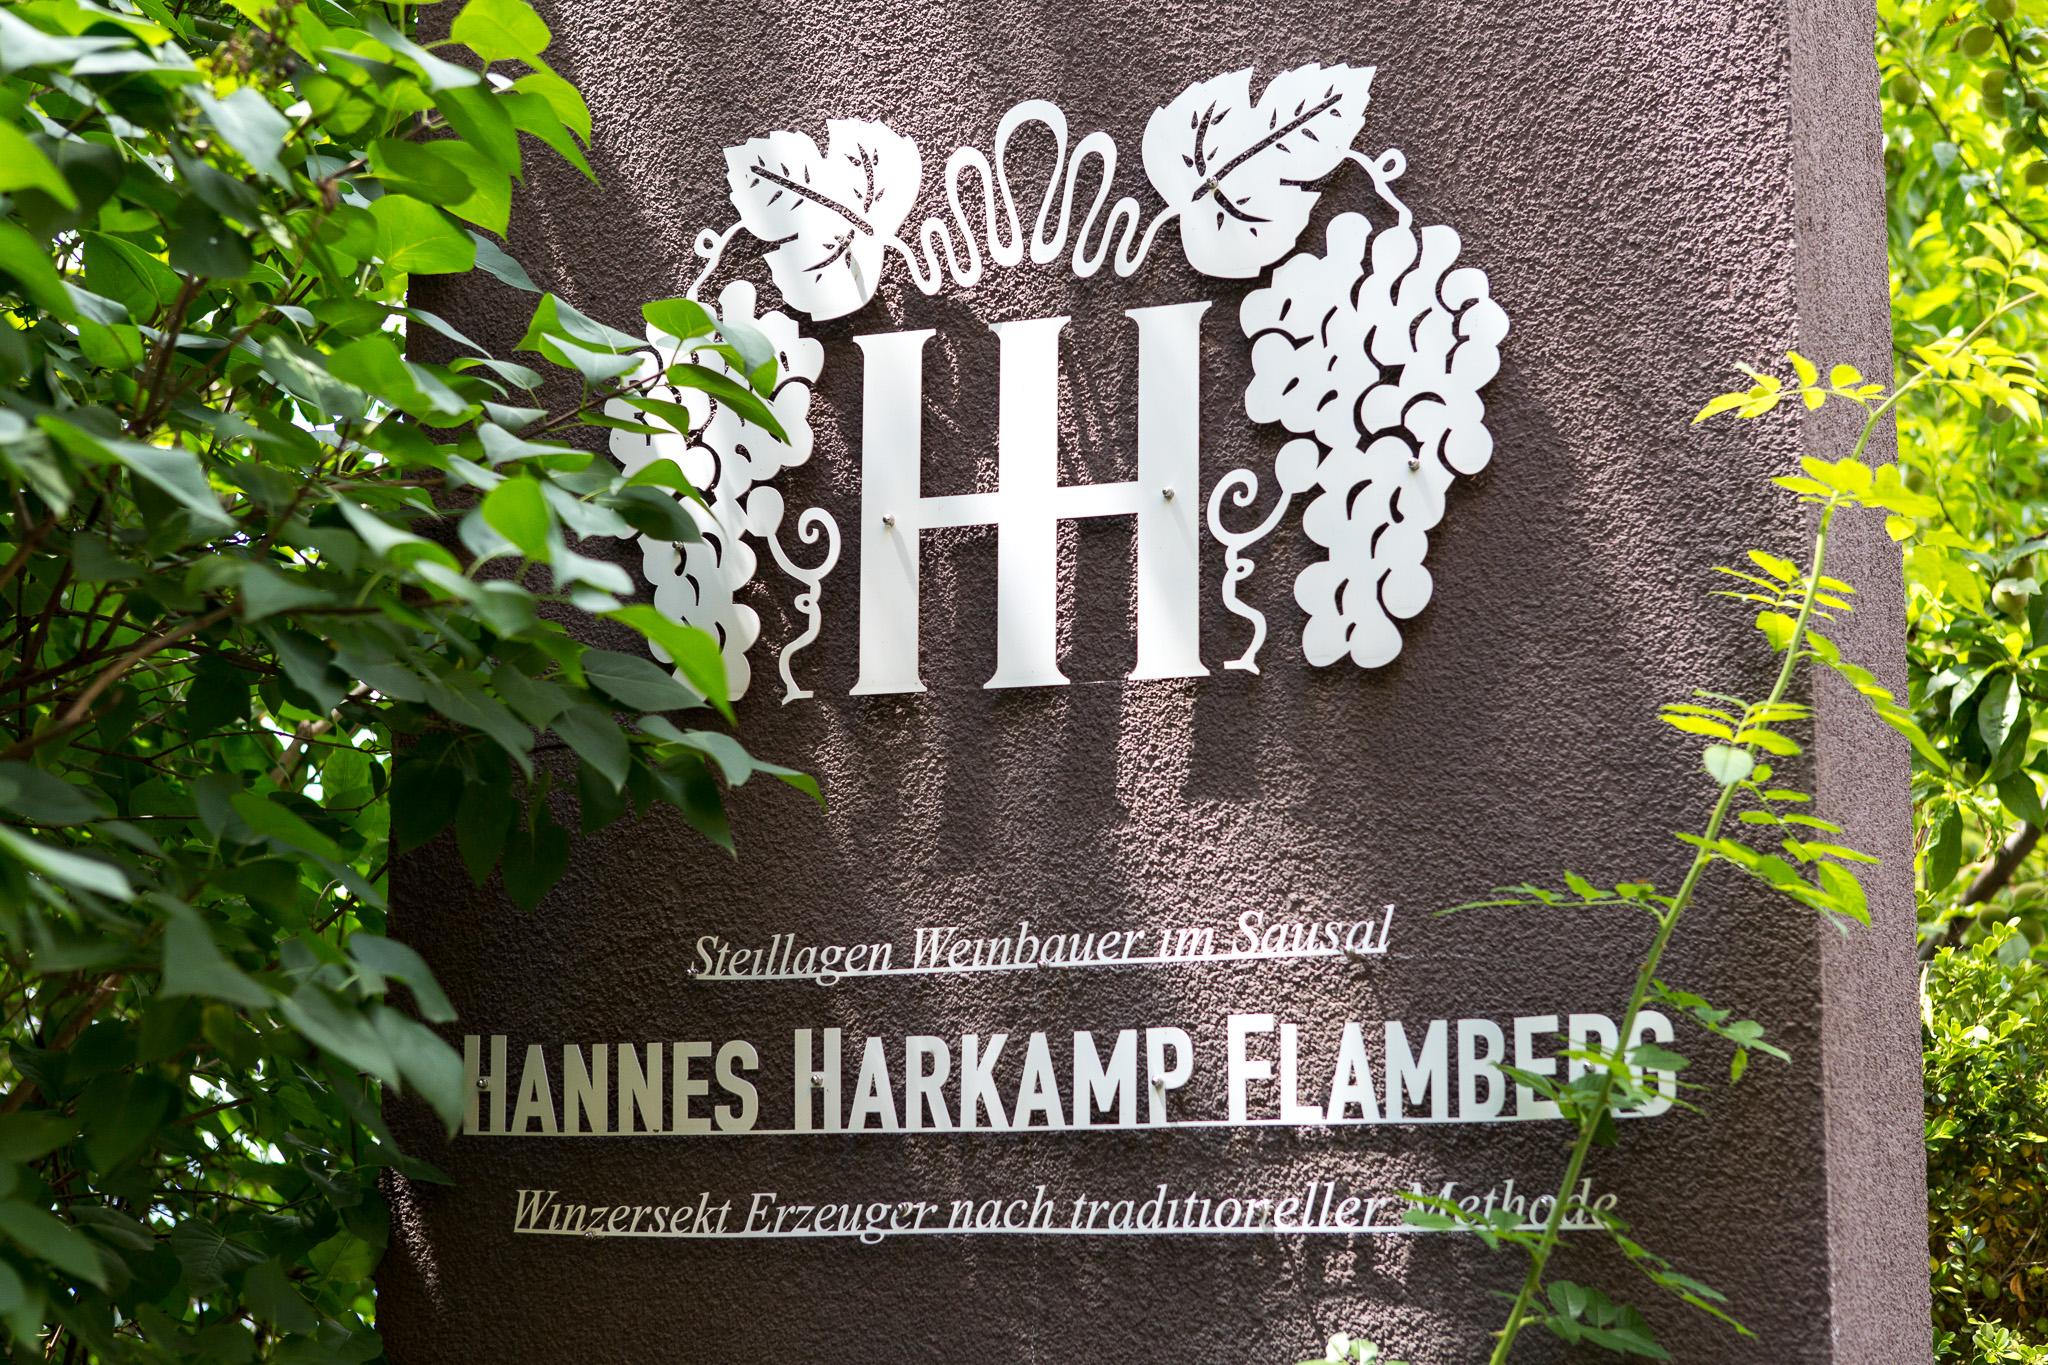 Hochzeit - Steiermark (Harkamp)